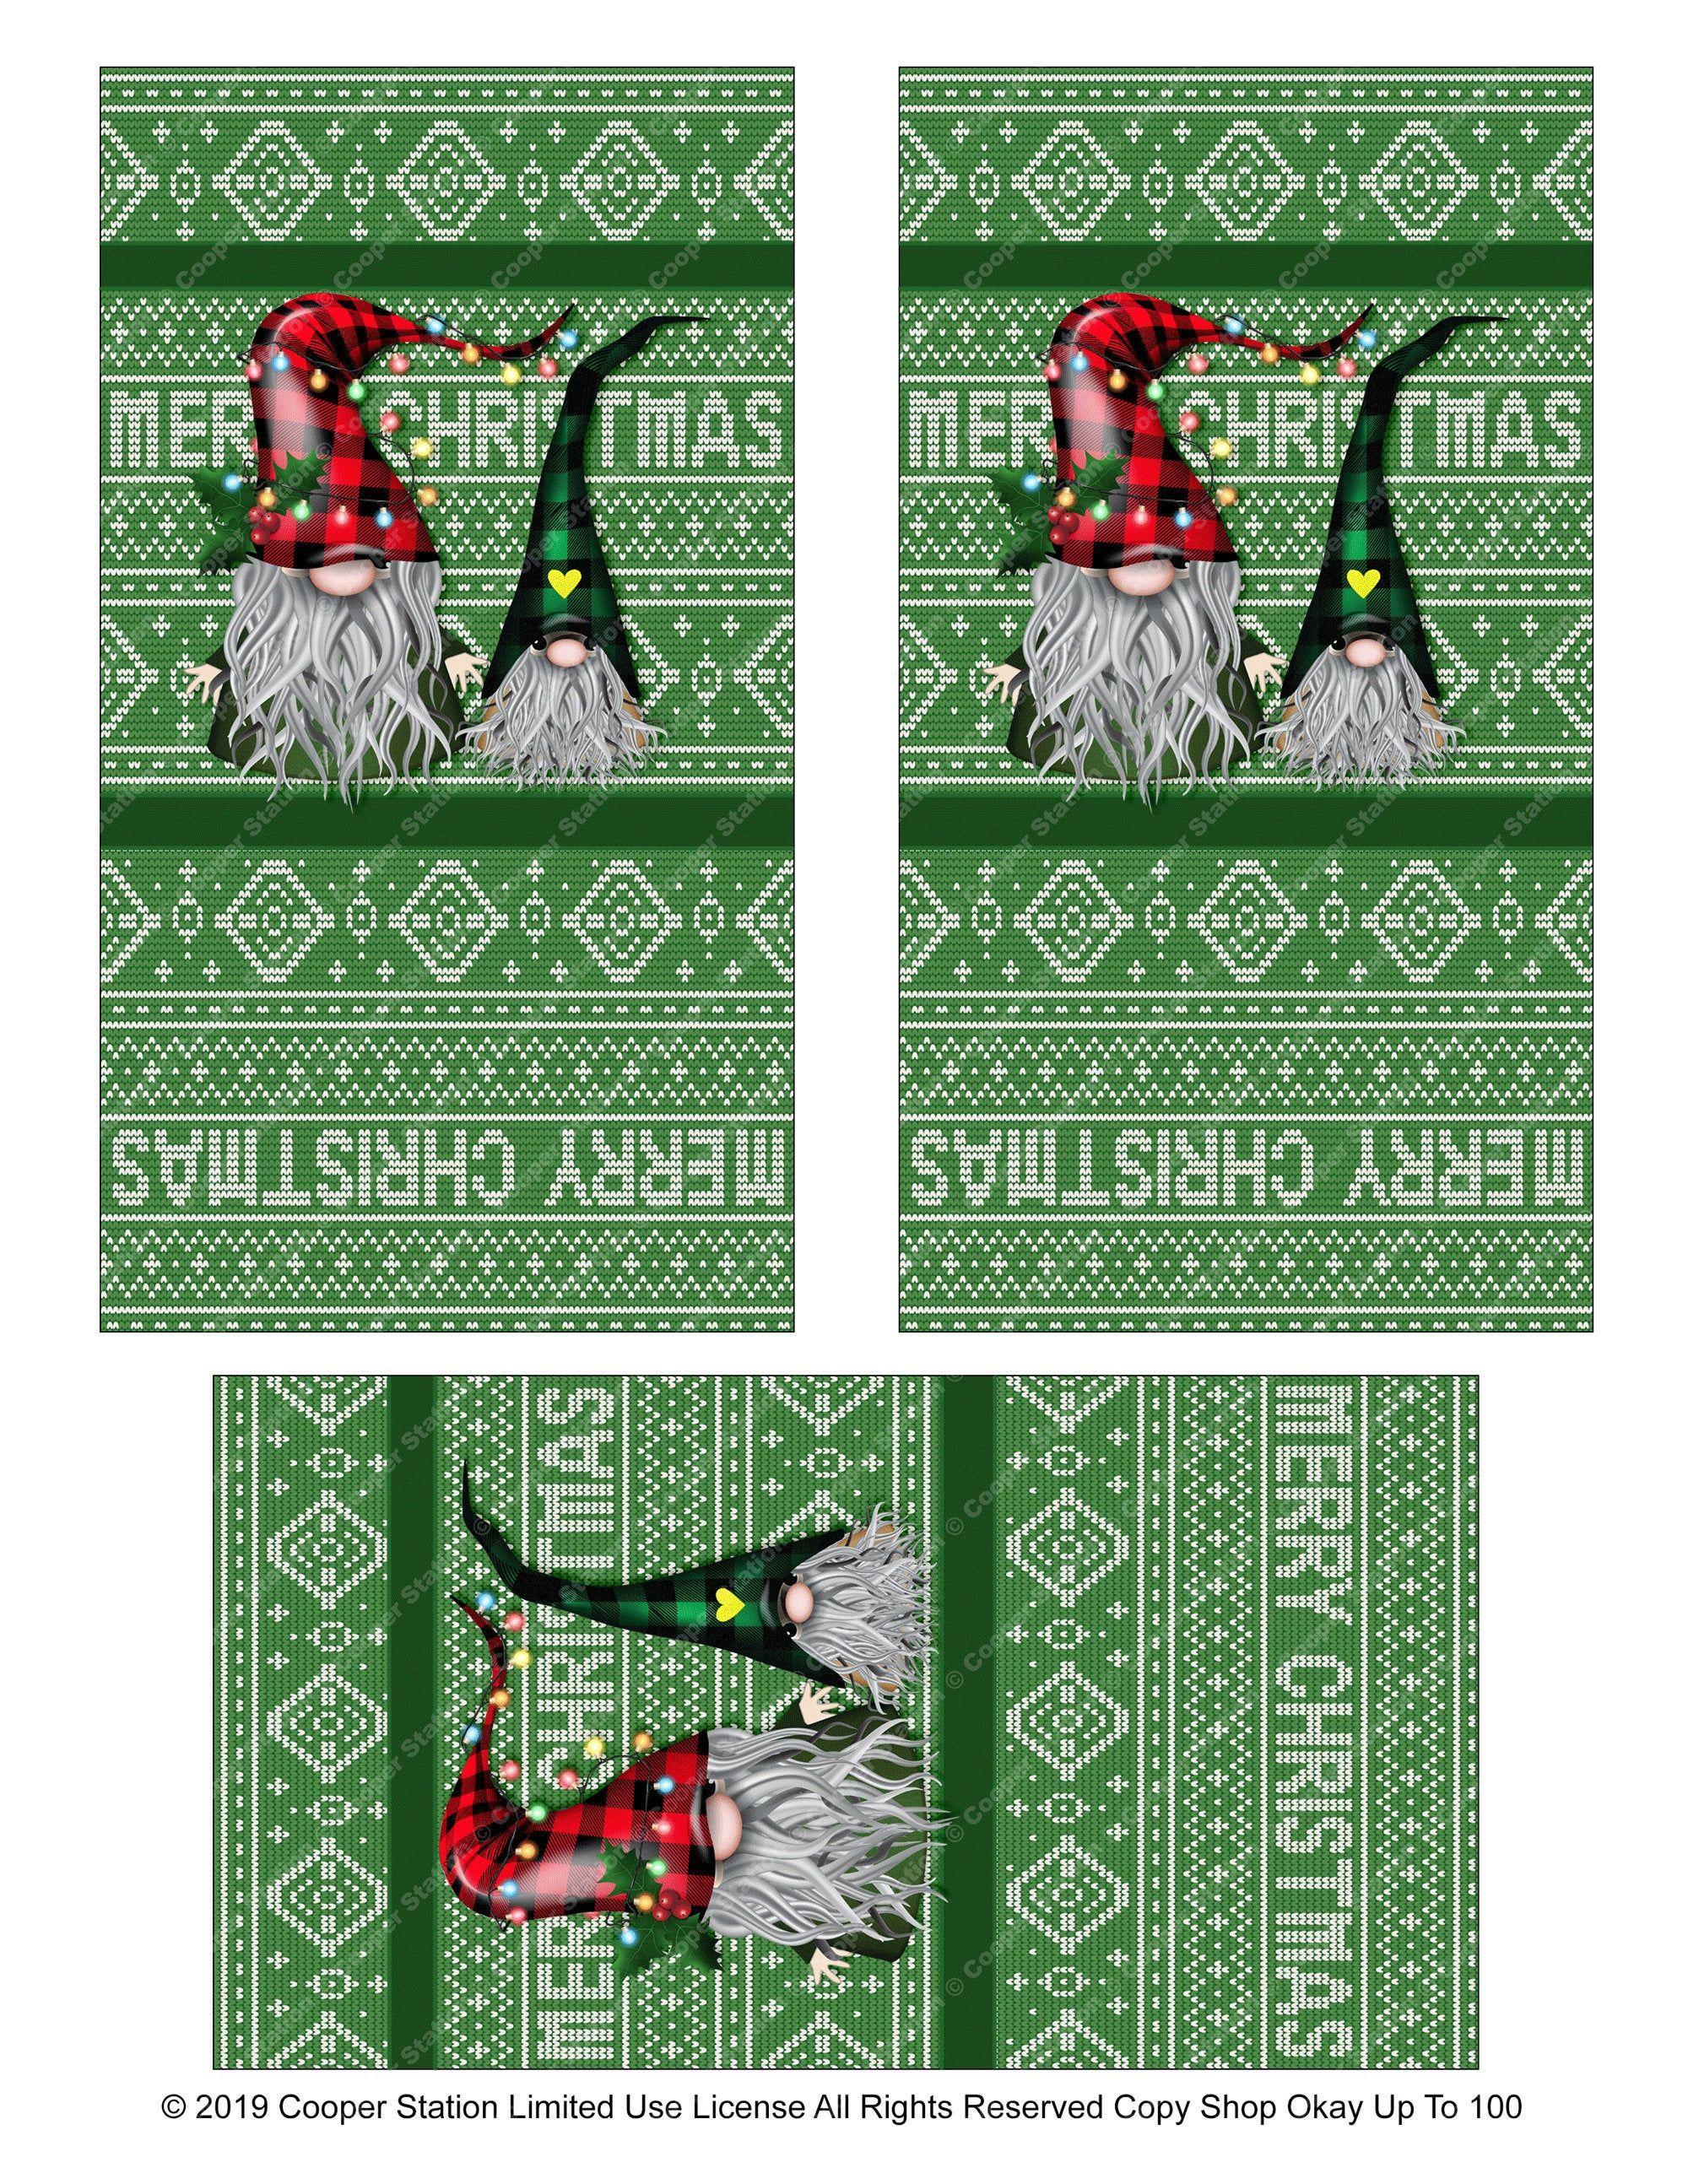 Digital Printable Christmas Gnomes Kit Kat Chocolate Bar Etsy Christmas Candy Bar Christmas Printables Candy Bar Wrappers